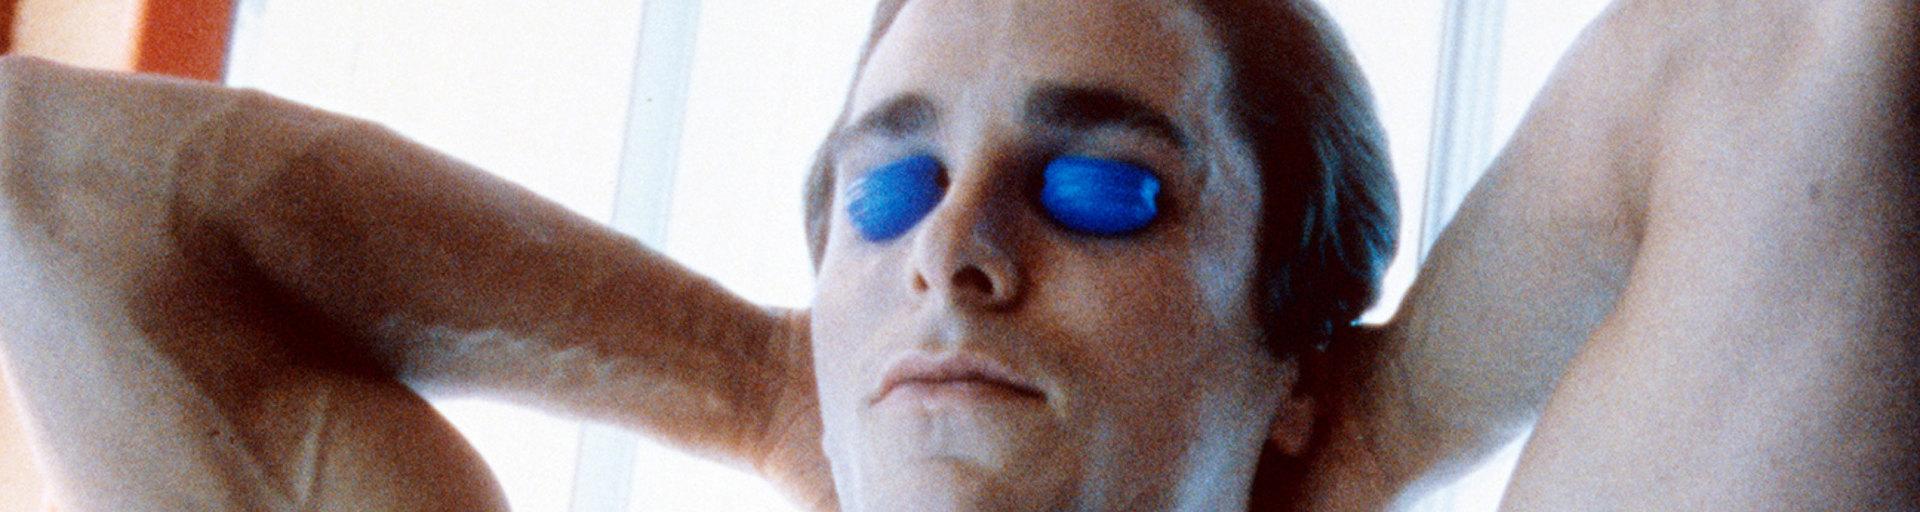 Ухаживаем засобой как киногерои: Патрик Бейтмен из«Американского психопата» иего бьюти-ритуалы